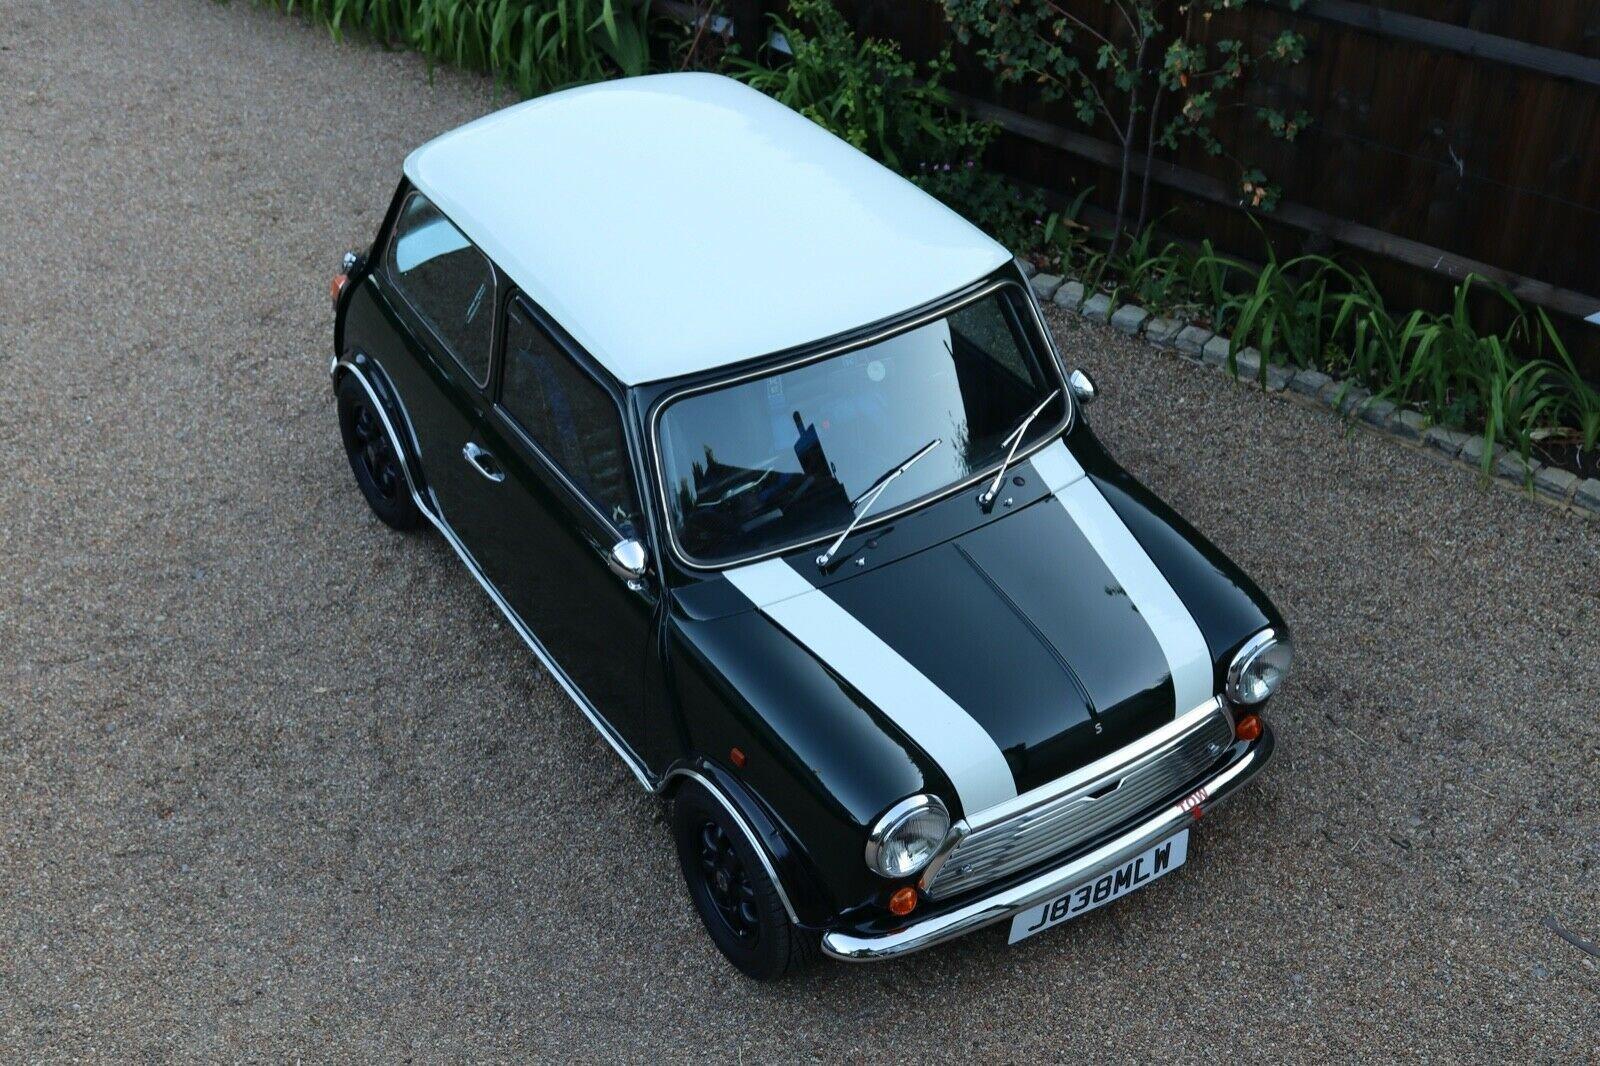 1992 Classic Mini Austin Rover Mini Cooper S Track/Hill For Sale (picture 1 of 6)